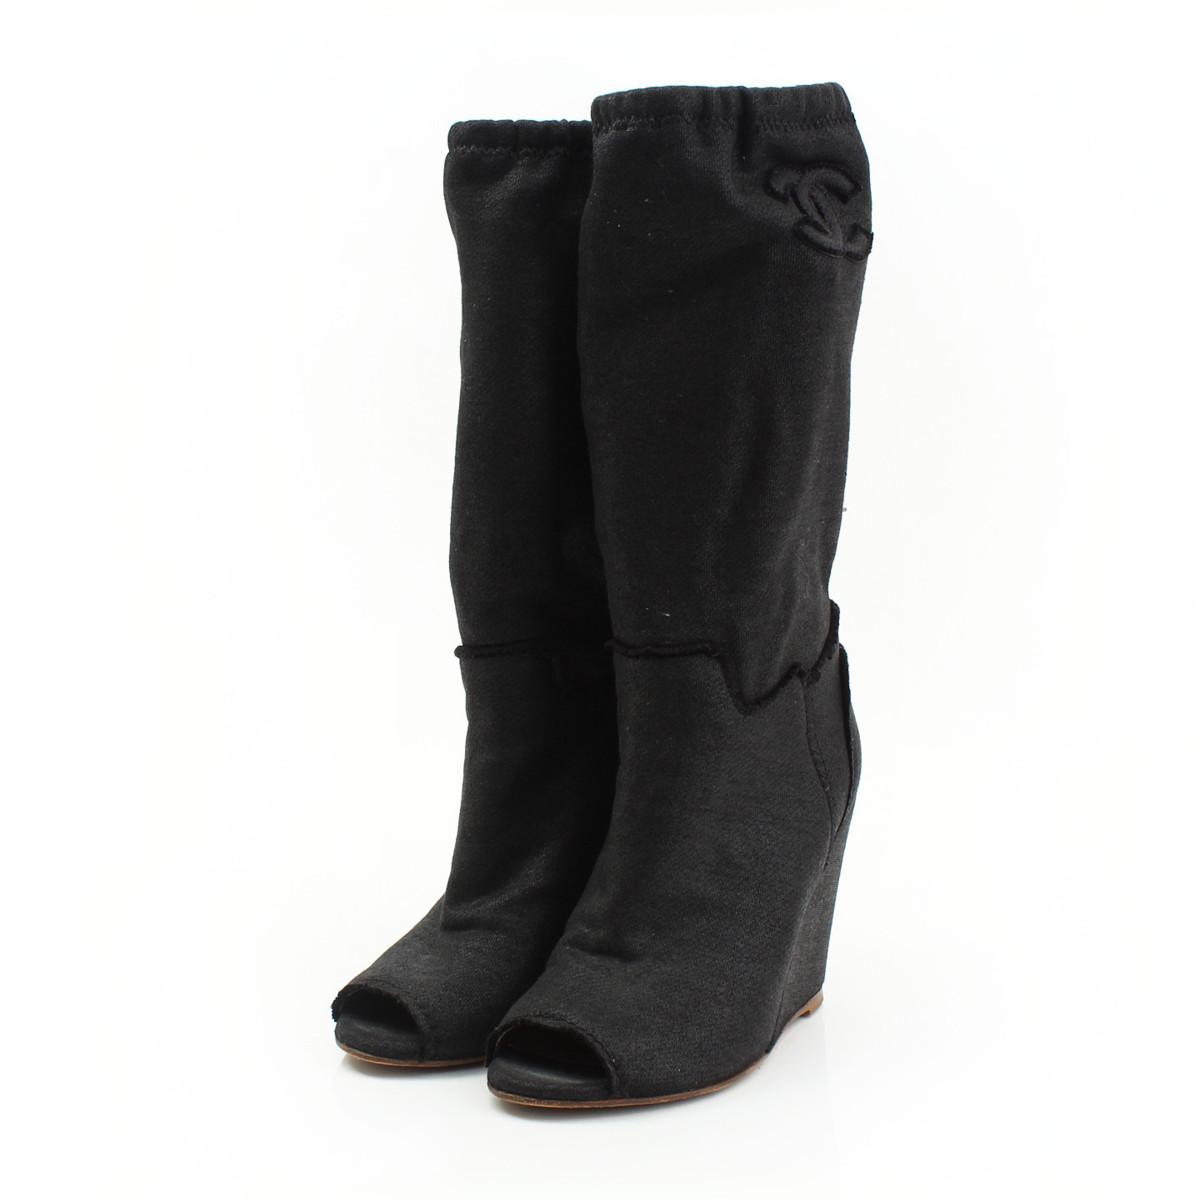 【シャネル】Chanel 08C ココマーク オープントゥ ウェッジソール ブーツ G25920 グレー 35 1/2 【中古】【鑑定済・正規品保証】【送料無料】30345